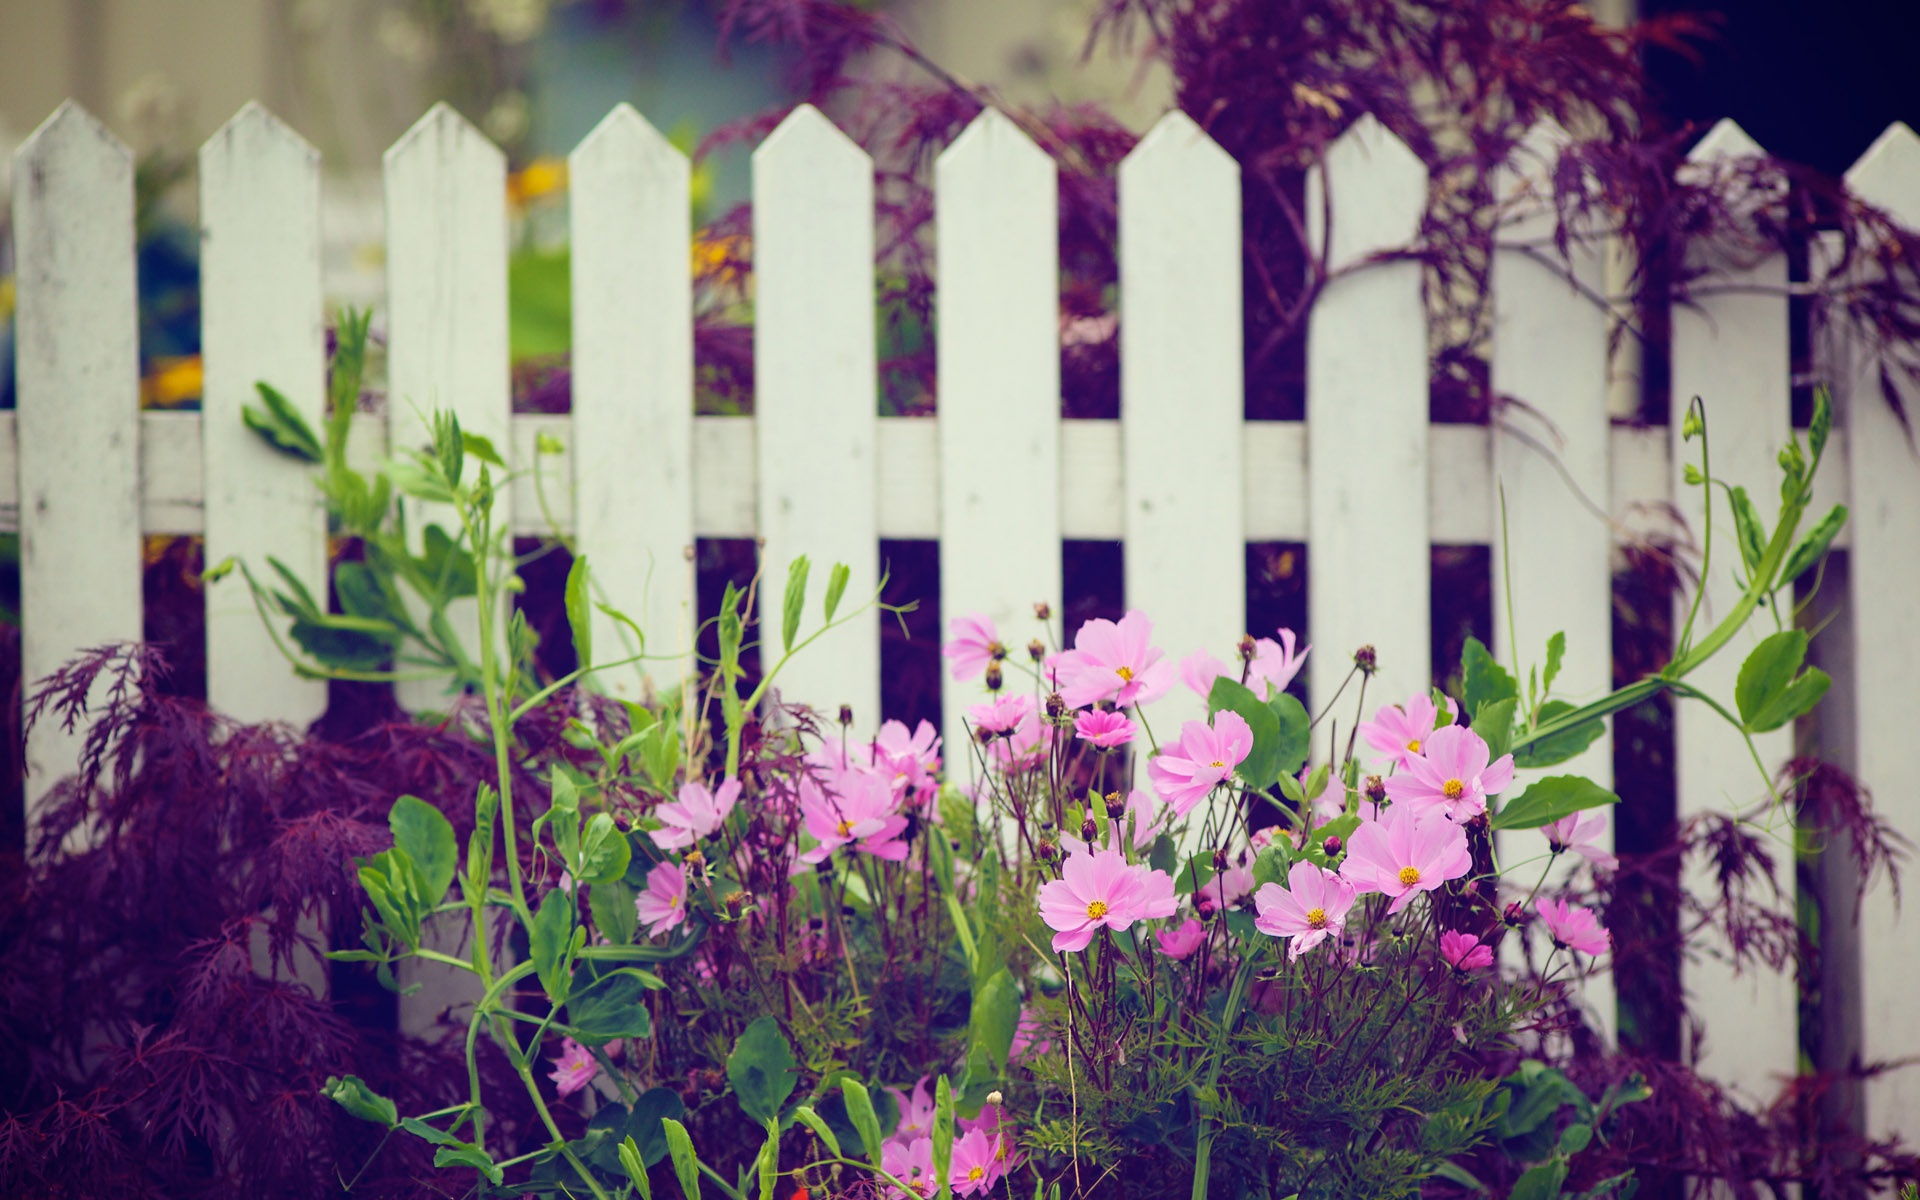 flower garden wallpaper desktop floral wallpapers 1920x1200 1920x1200